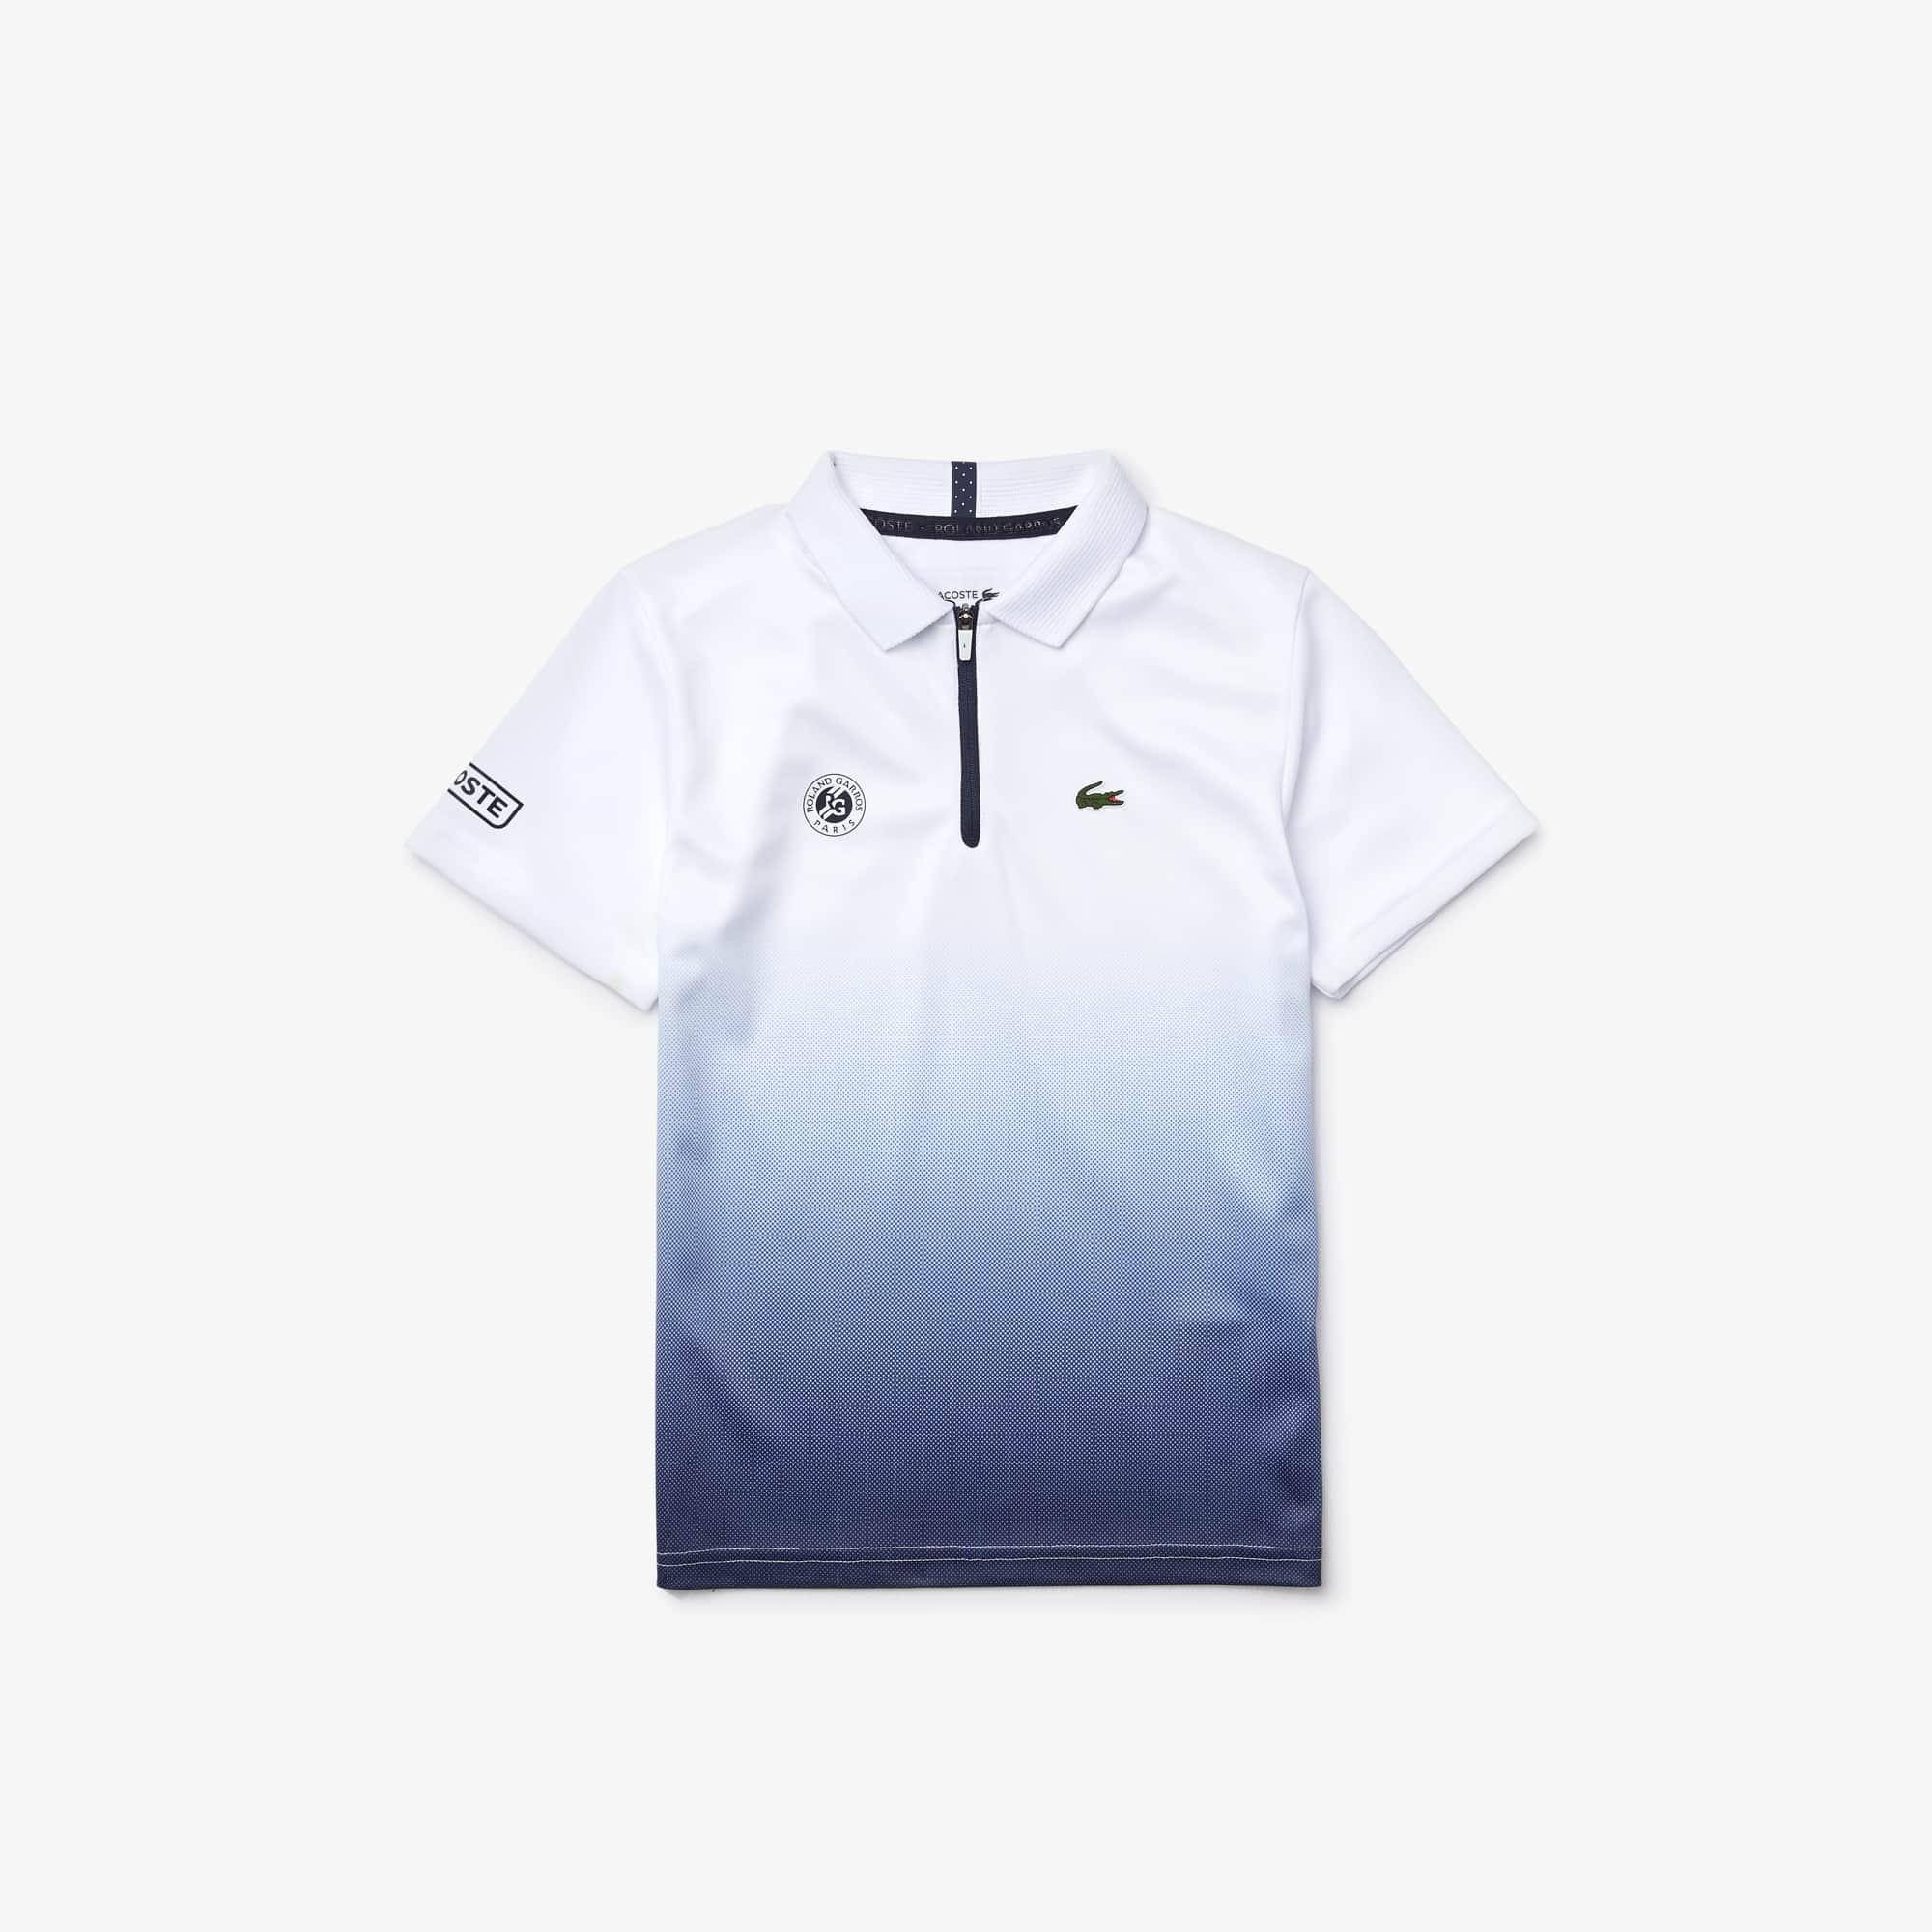 라코스테 Lacoste Boys SPORT Roland Garros Zip-Up Polo Shirt,White / Navy Blue • RHG